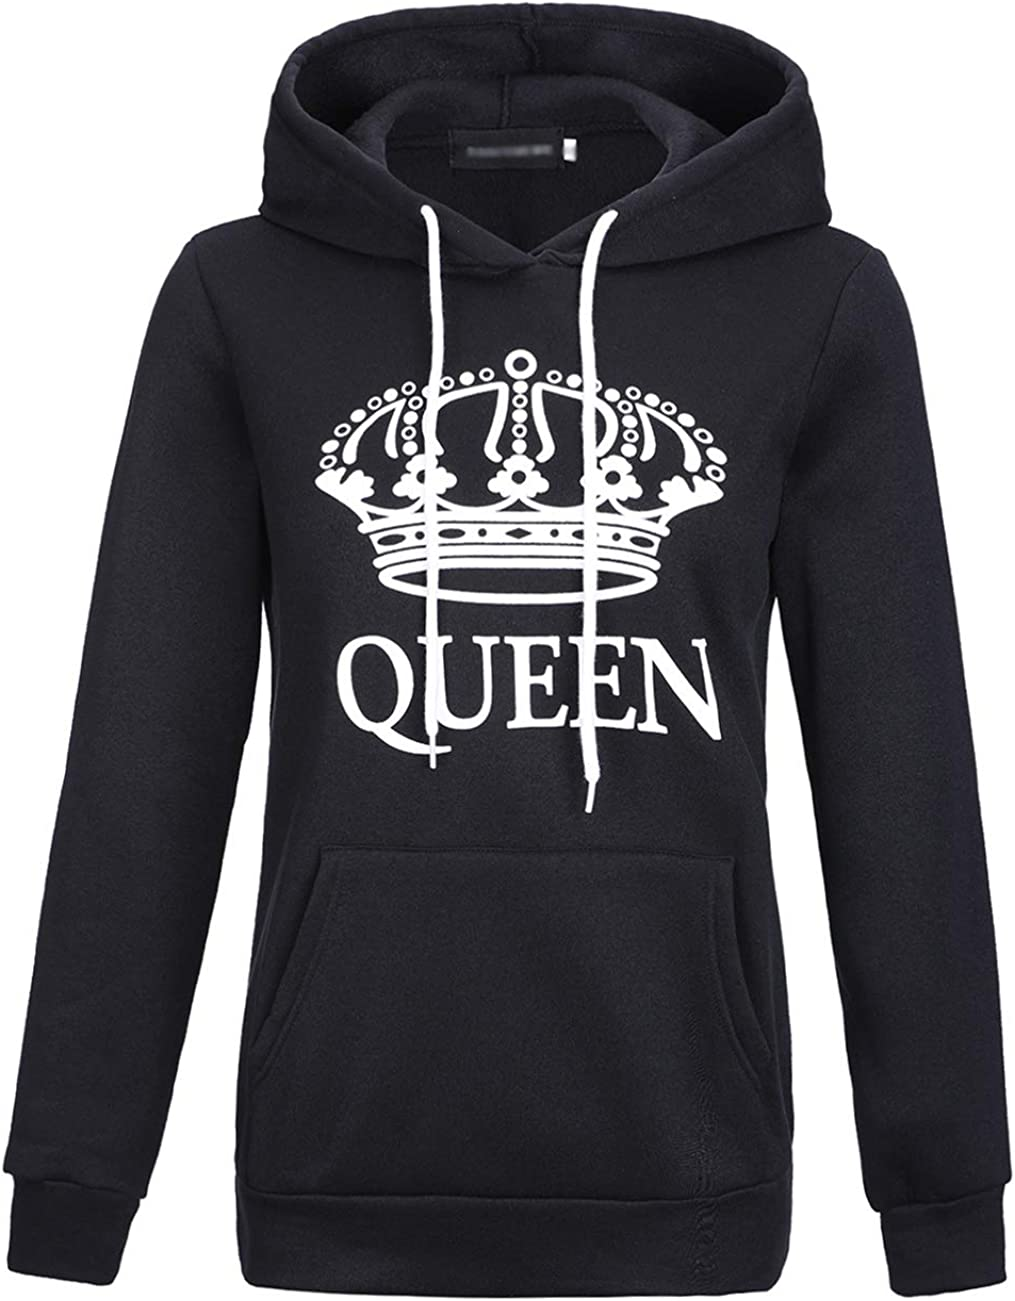 ULEEMARK Coppie Felpa con Cappuccio King/&Queen Corona Stampa Felpe Pullover Uomo e Donna